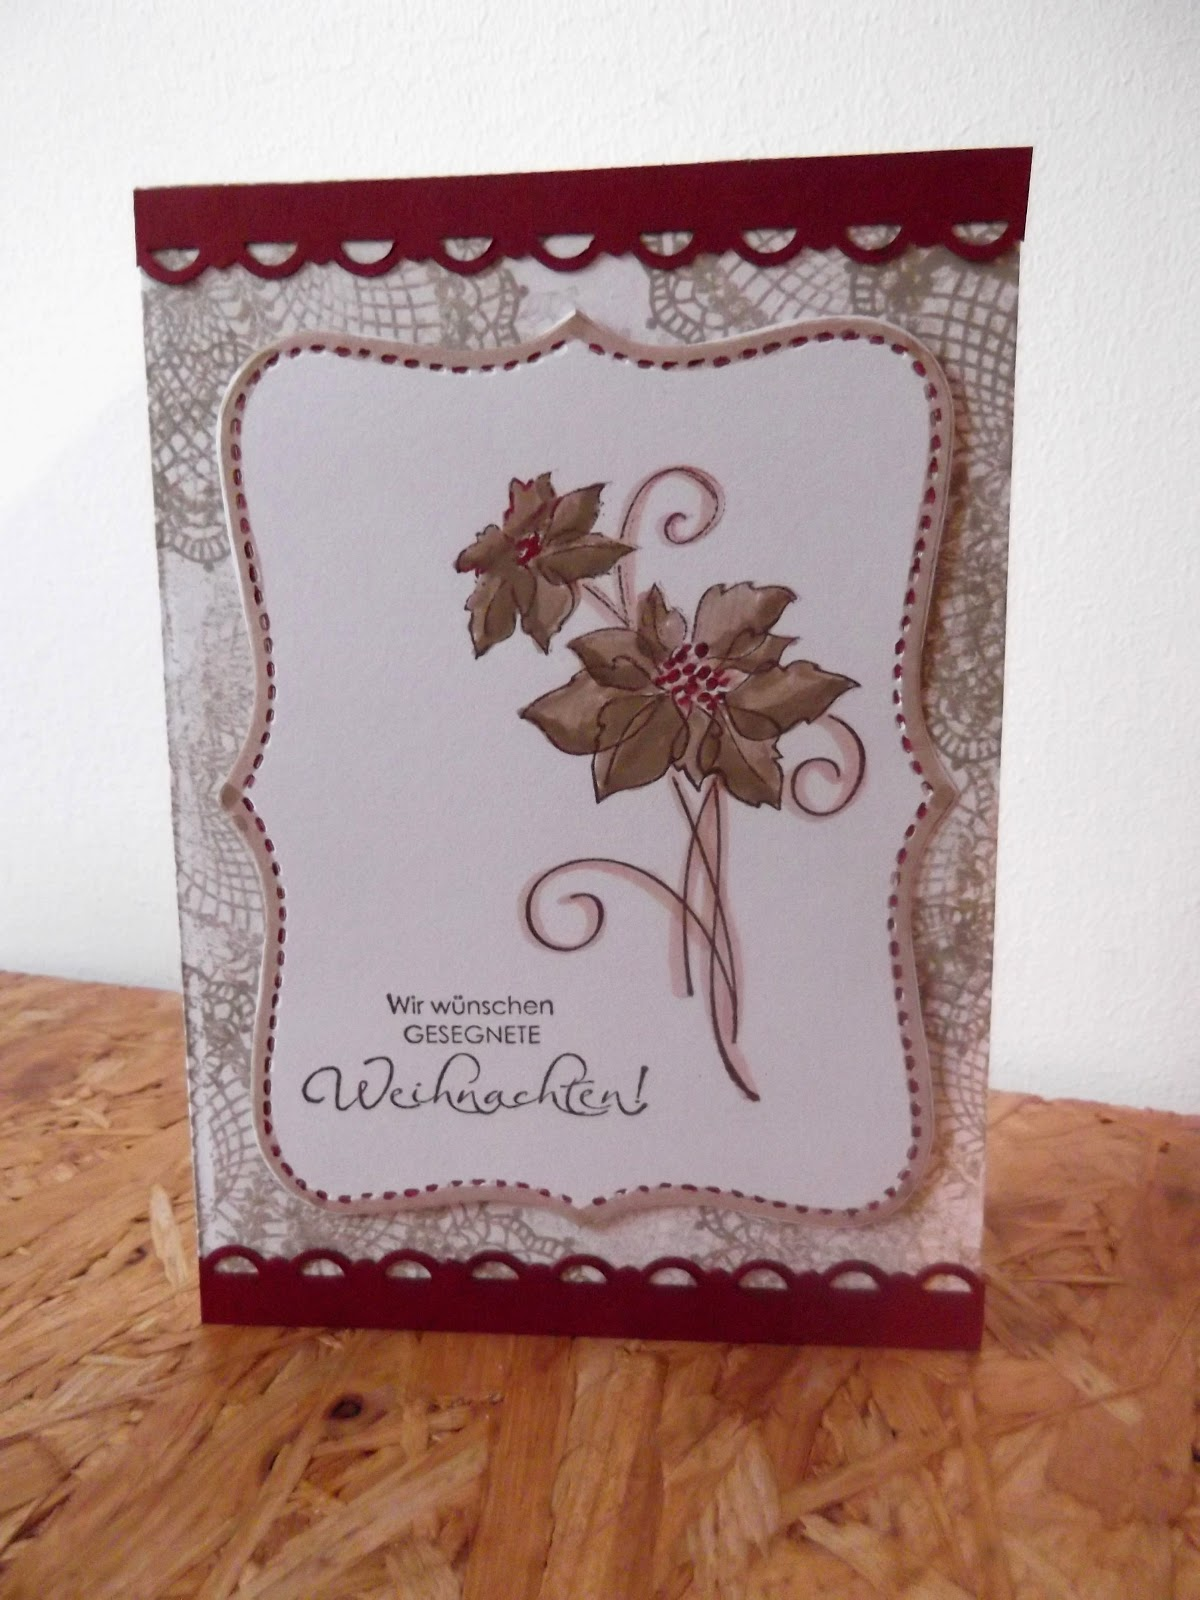 sconebeker stempelscheune 3 weihnachtskarten mit dem. Black Bedroom Furniture Sets. Home Design Ideas